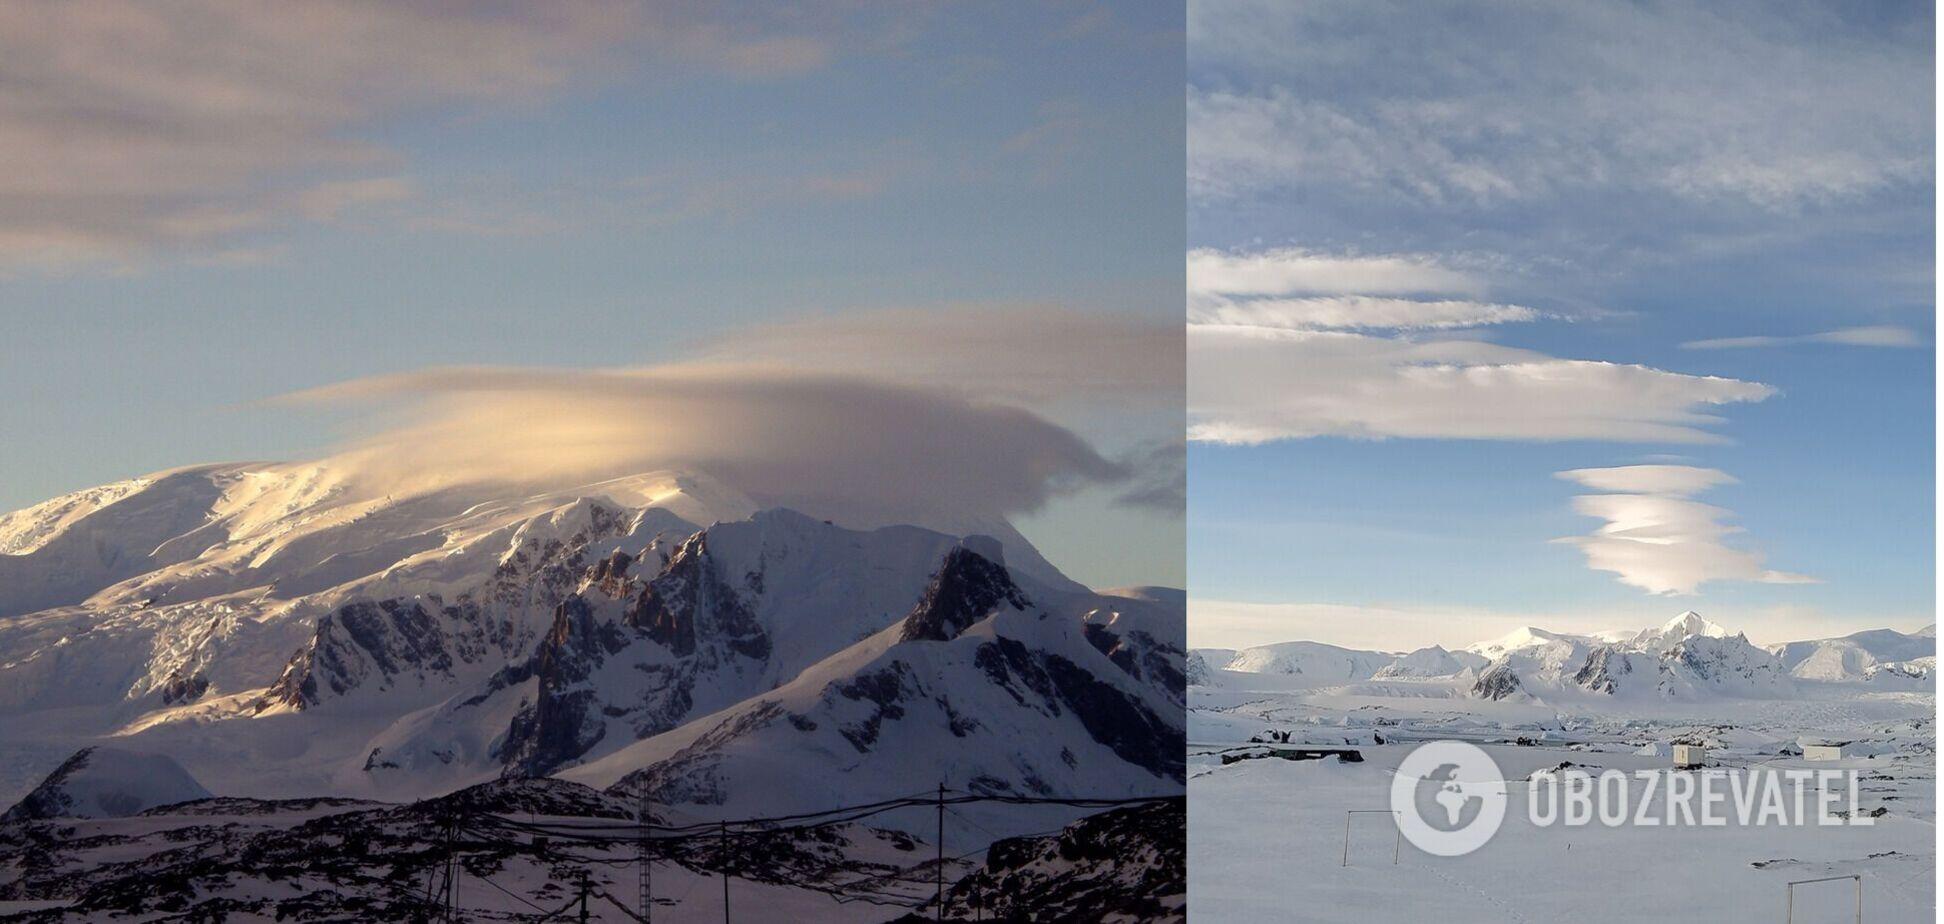 Українські полярники помітили над Антарктидою незвичні хмари-'НЛО'. Фото